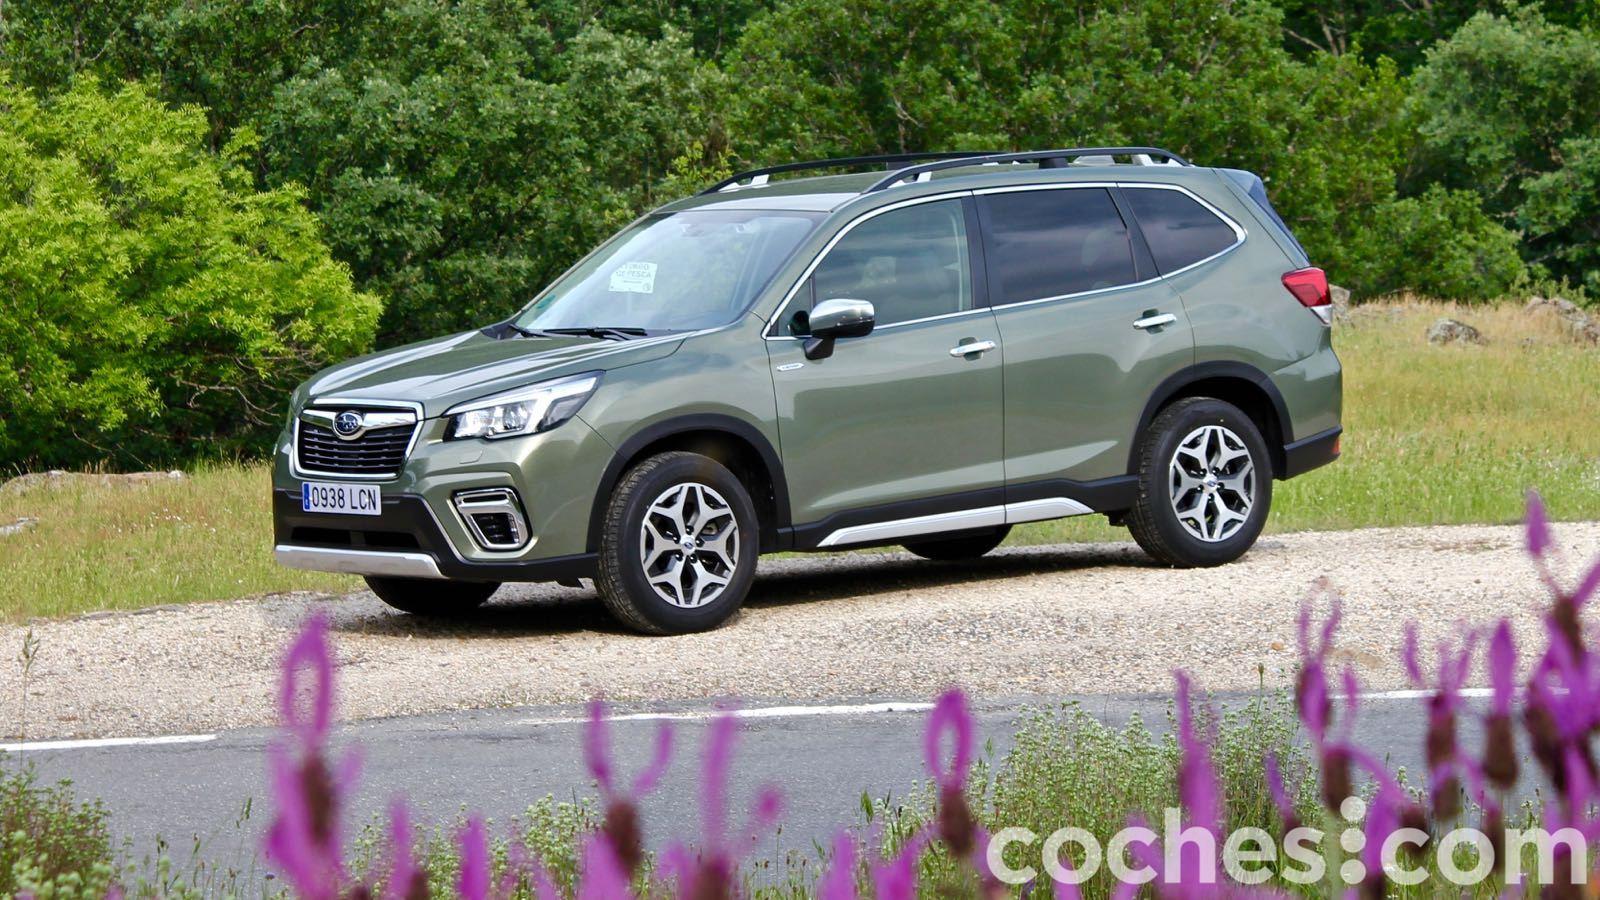 Subaru Forester ecoHybrid prueba – 8